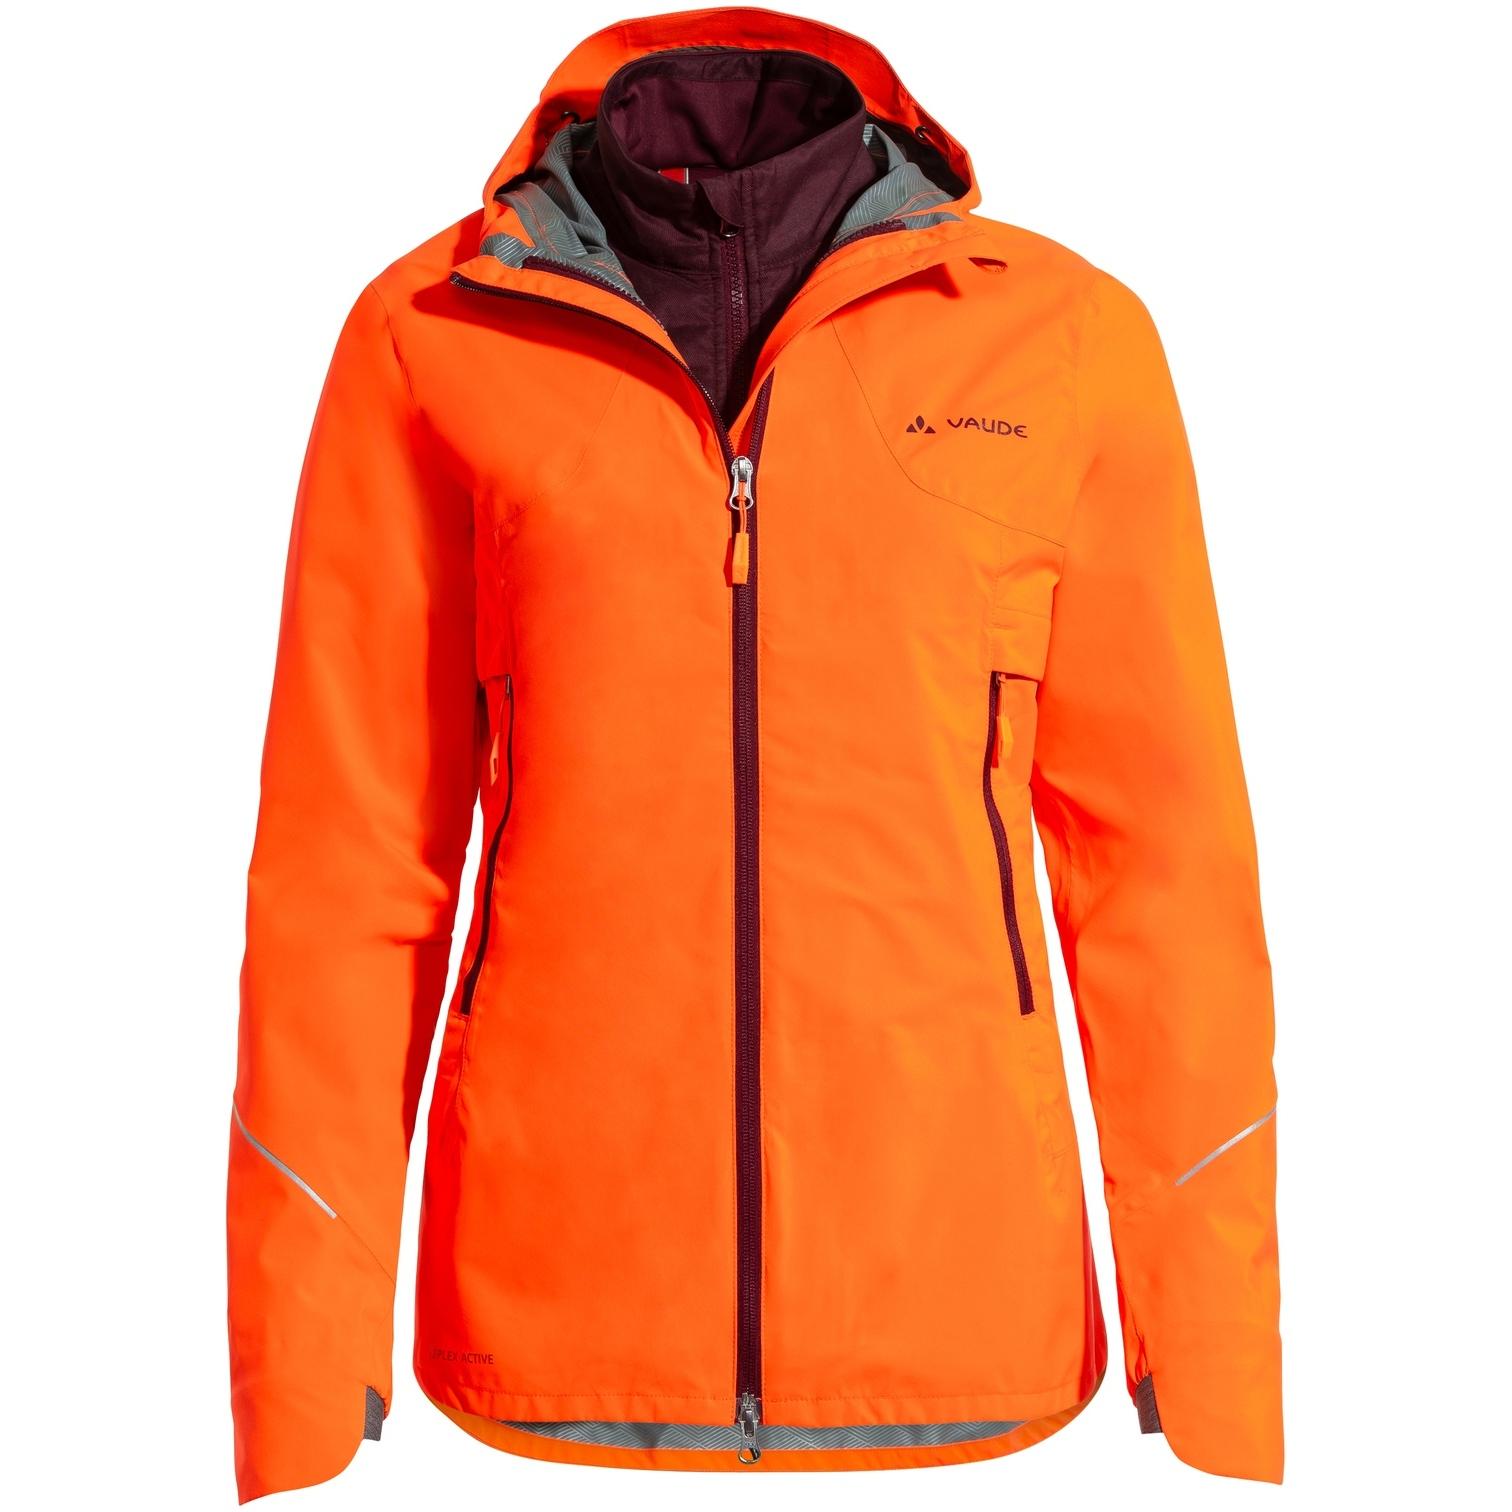 Vaude Women's Yaras 3in1 Jacket - neon orange